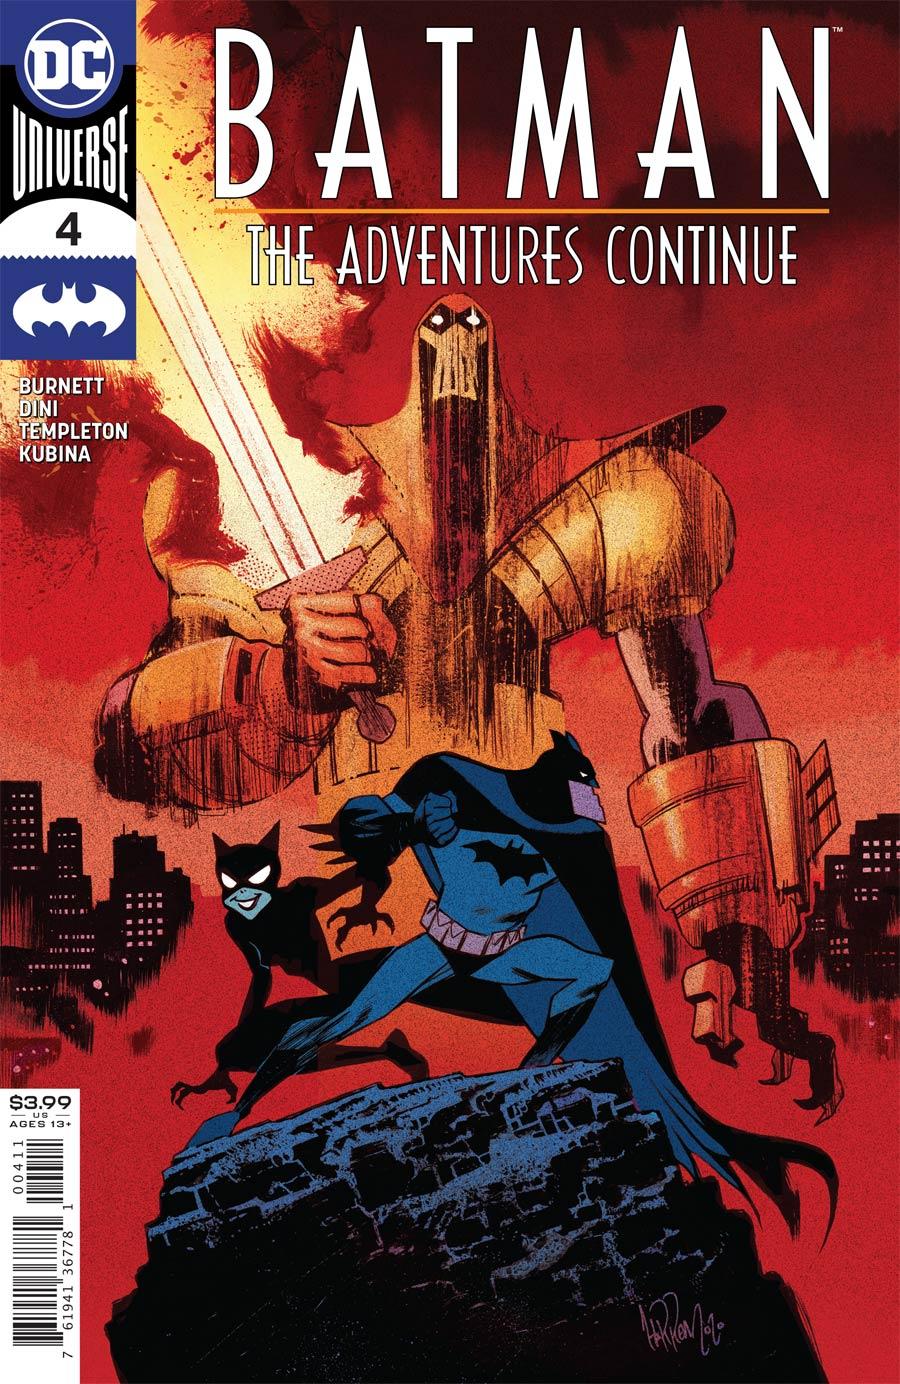 Batman The Adventures Continue #4 Cover A Regular James Harren Cover